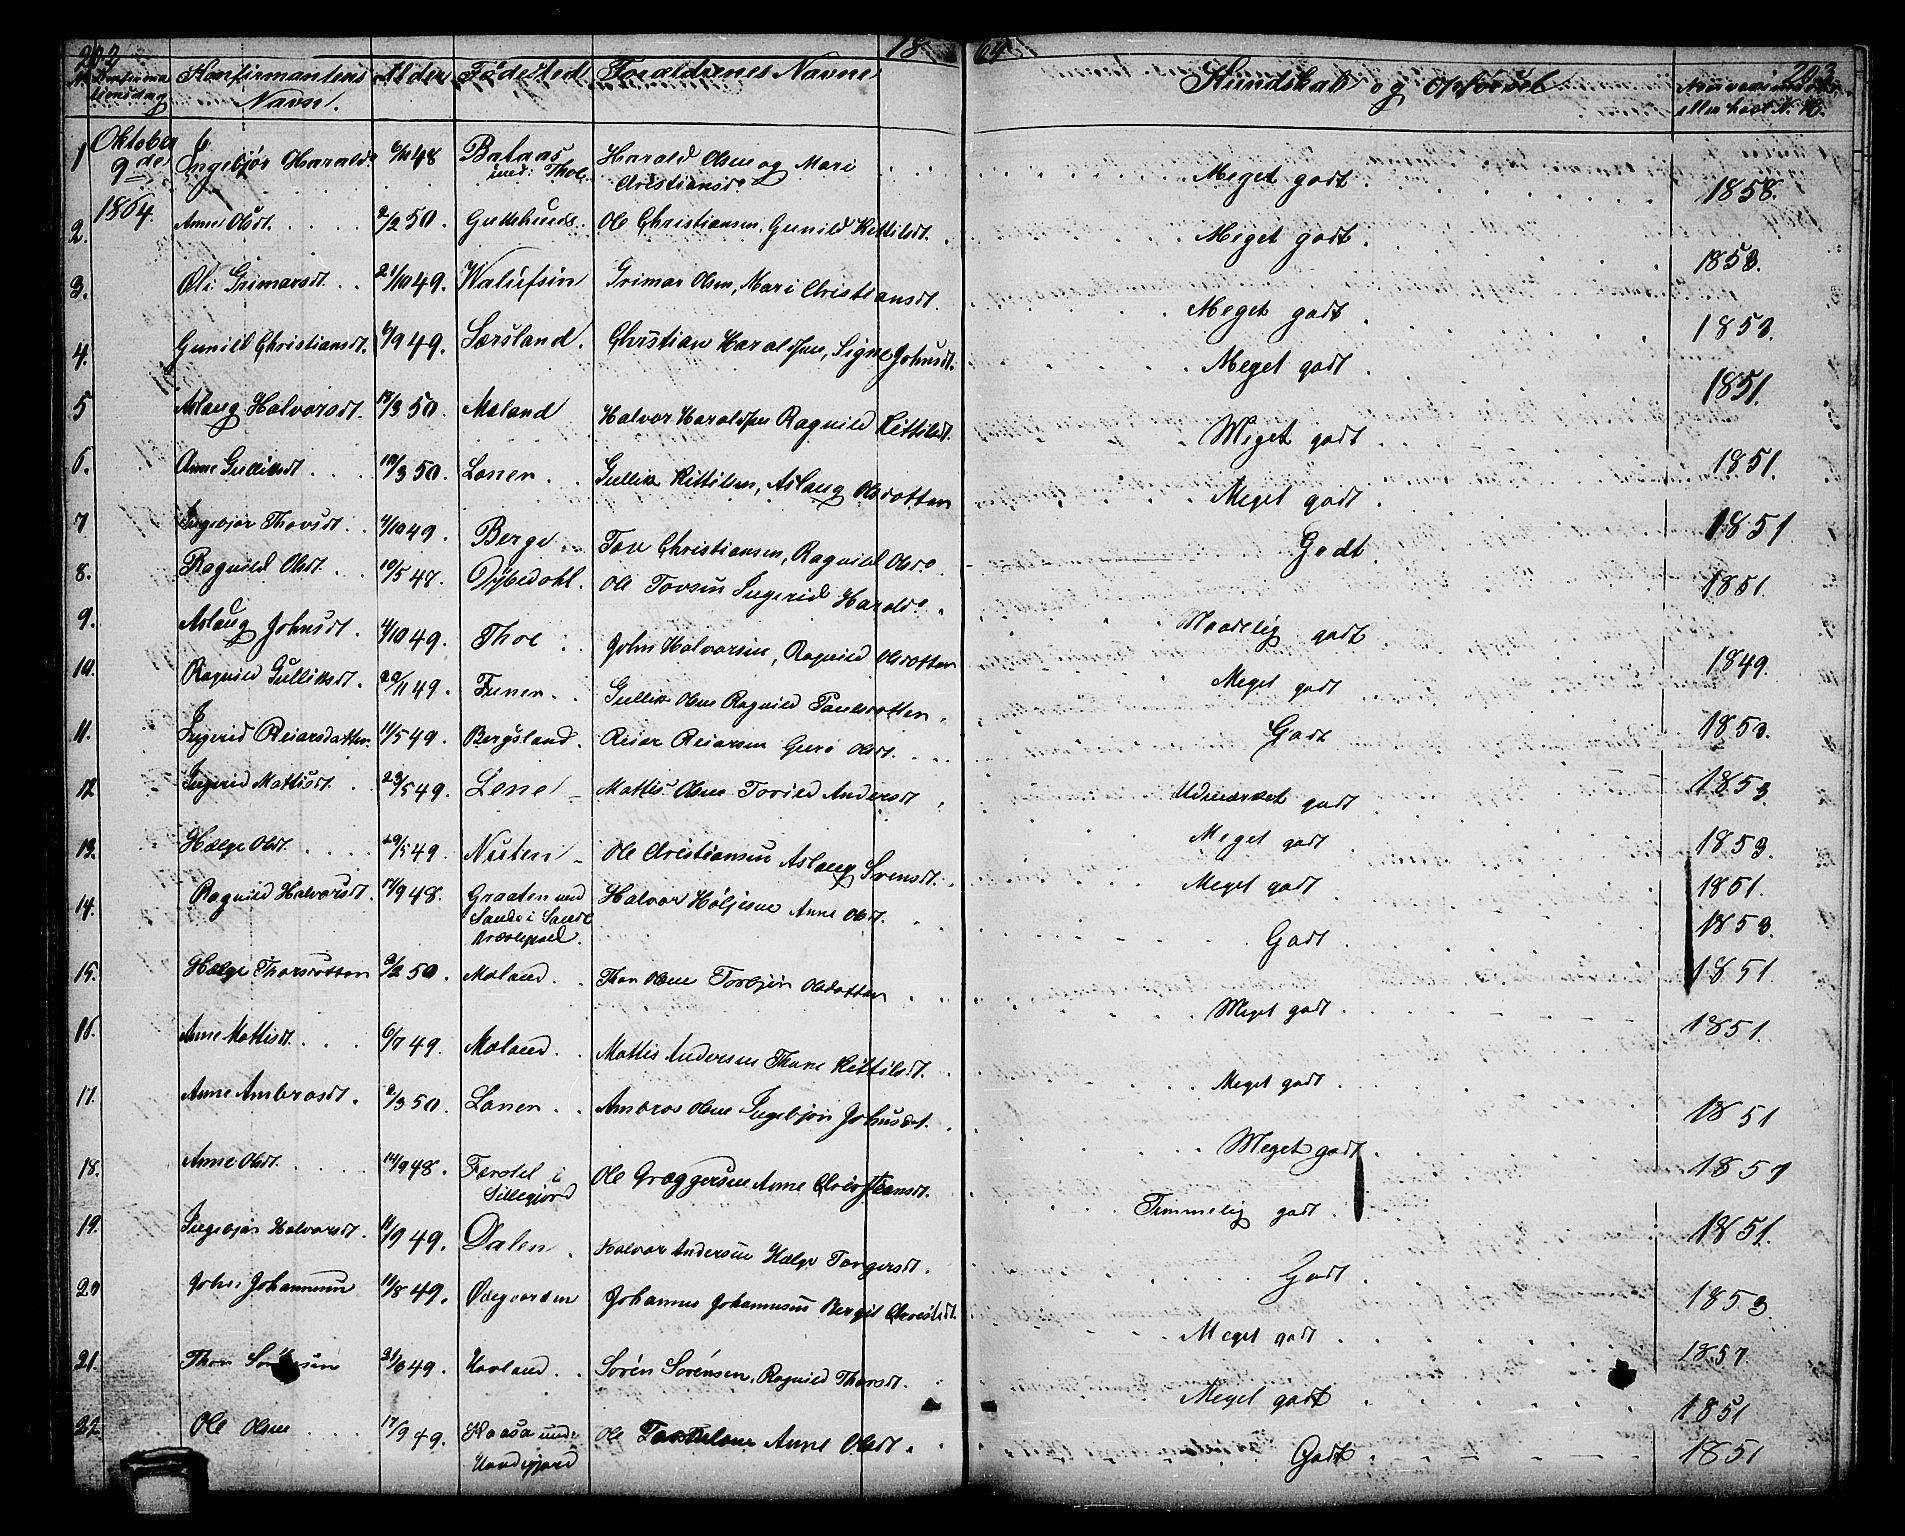 SAKO, Hjartdal kirkebøker, G/Ga/L0002: Klokkerbok nr. I 2, 1854-1888, s. 202-203